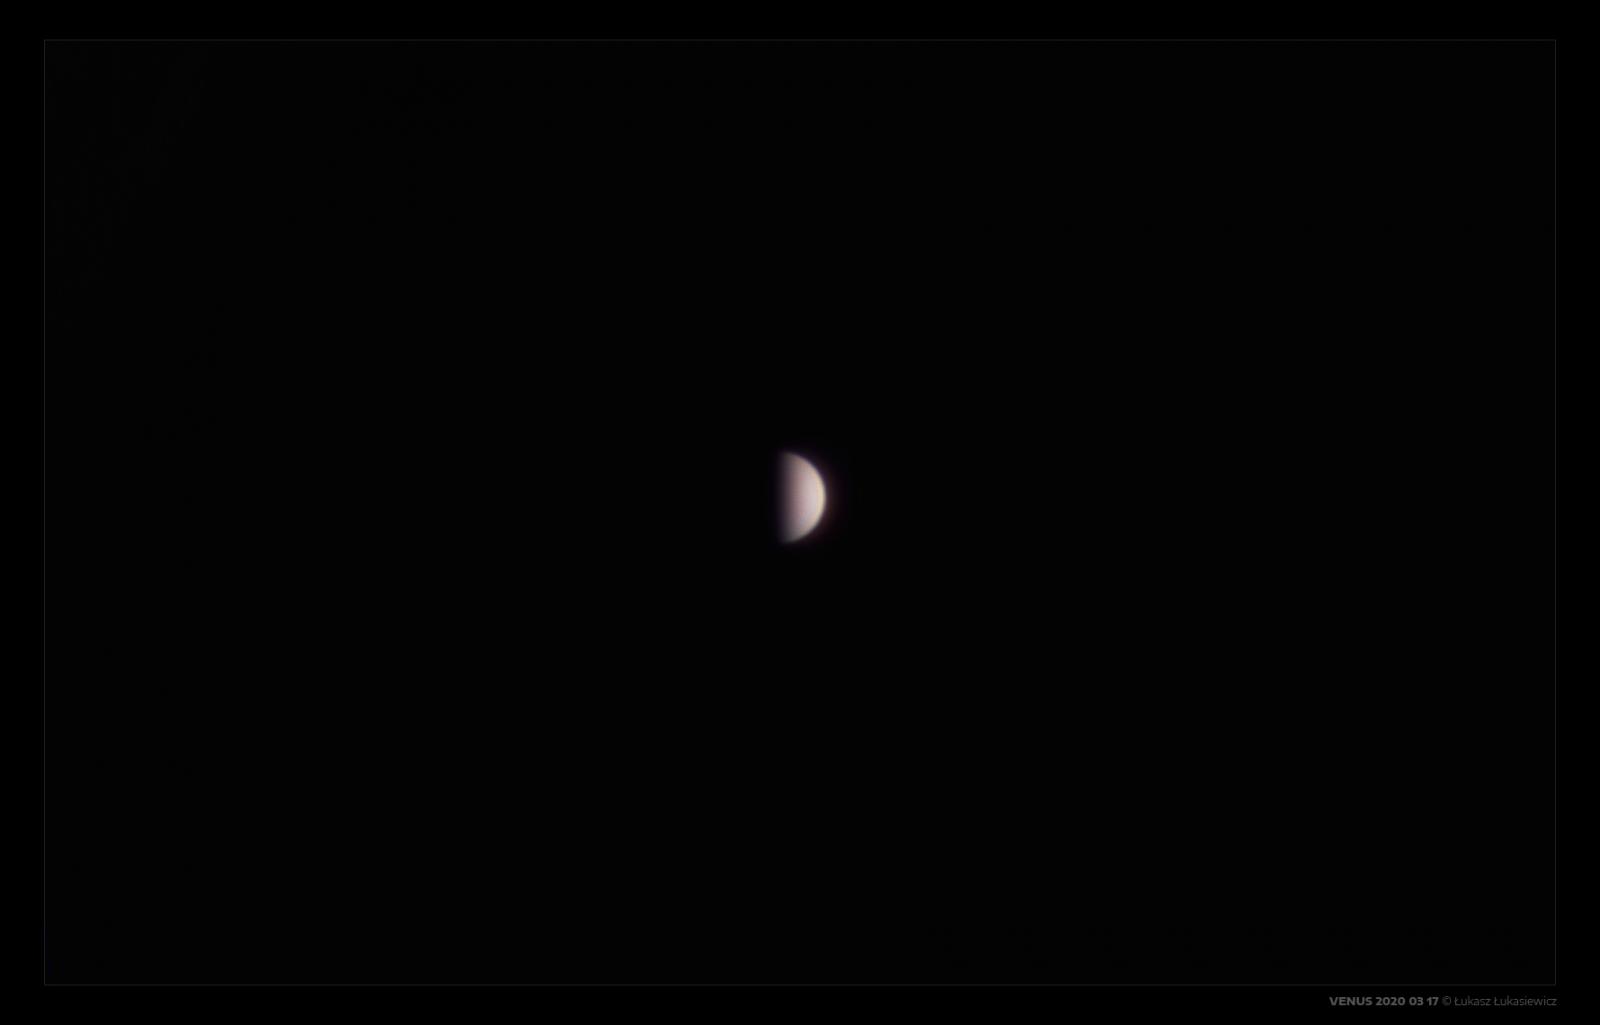 VENUS-2020-03-17.png